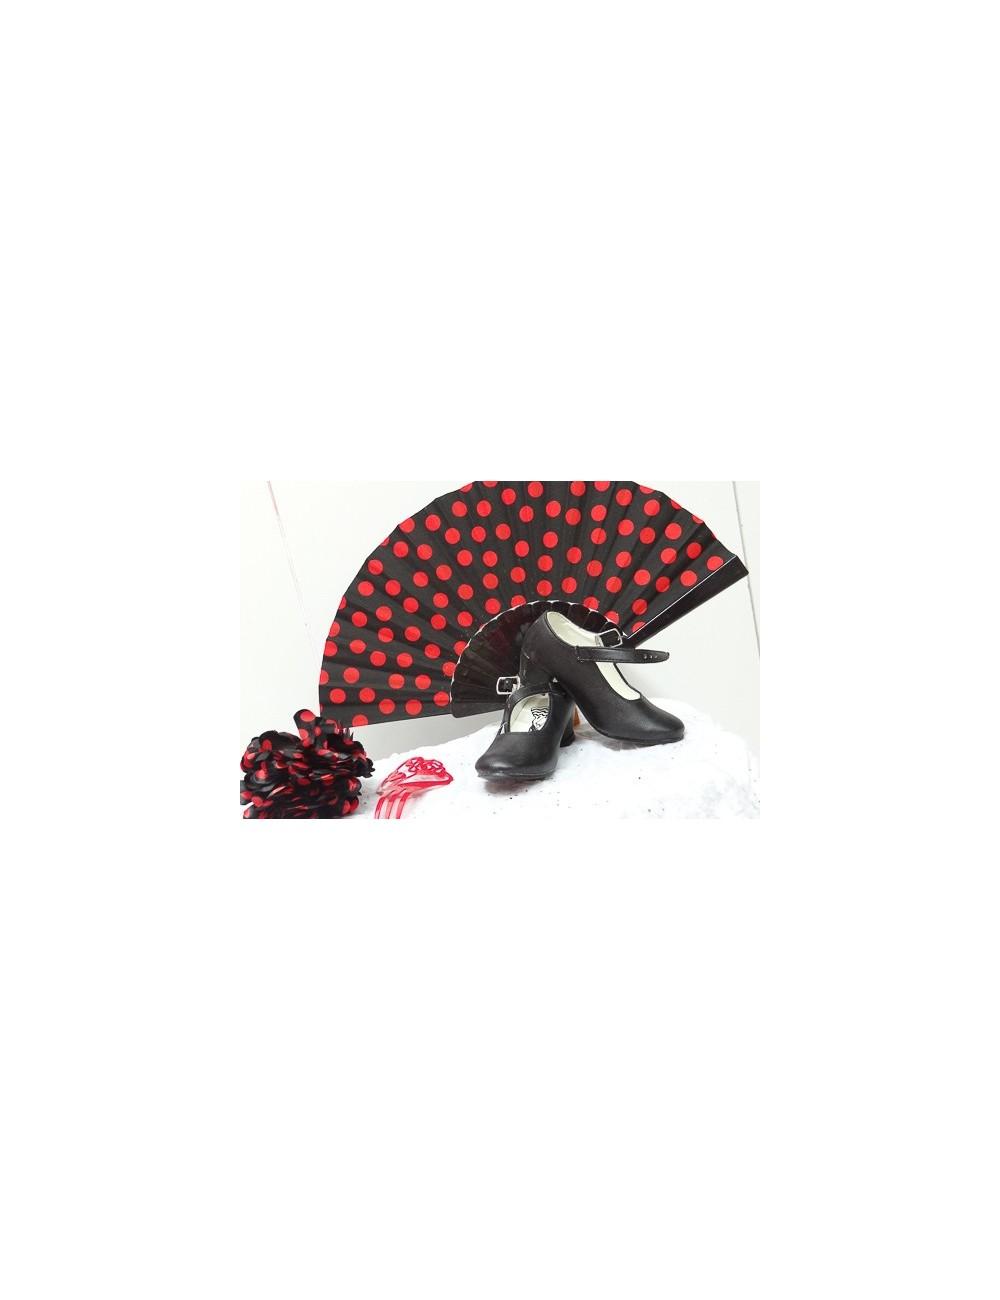 Kit accessoires déguisement flamenco 3